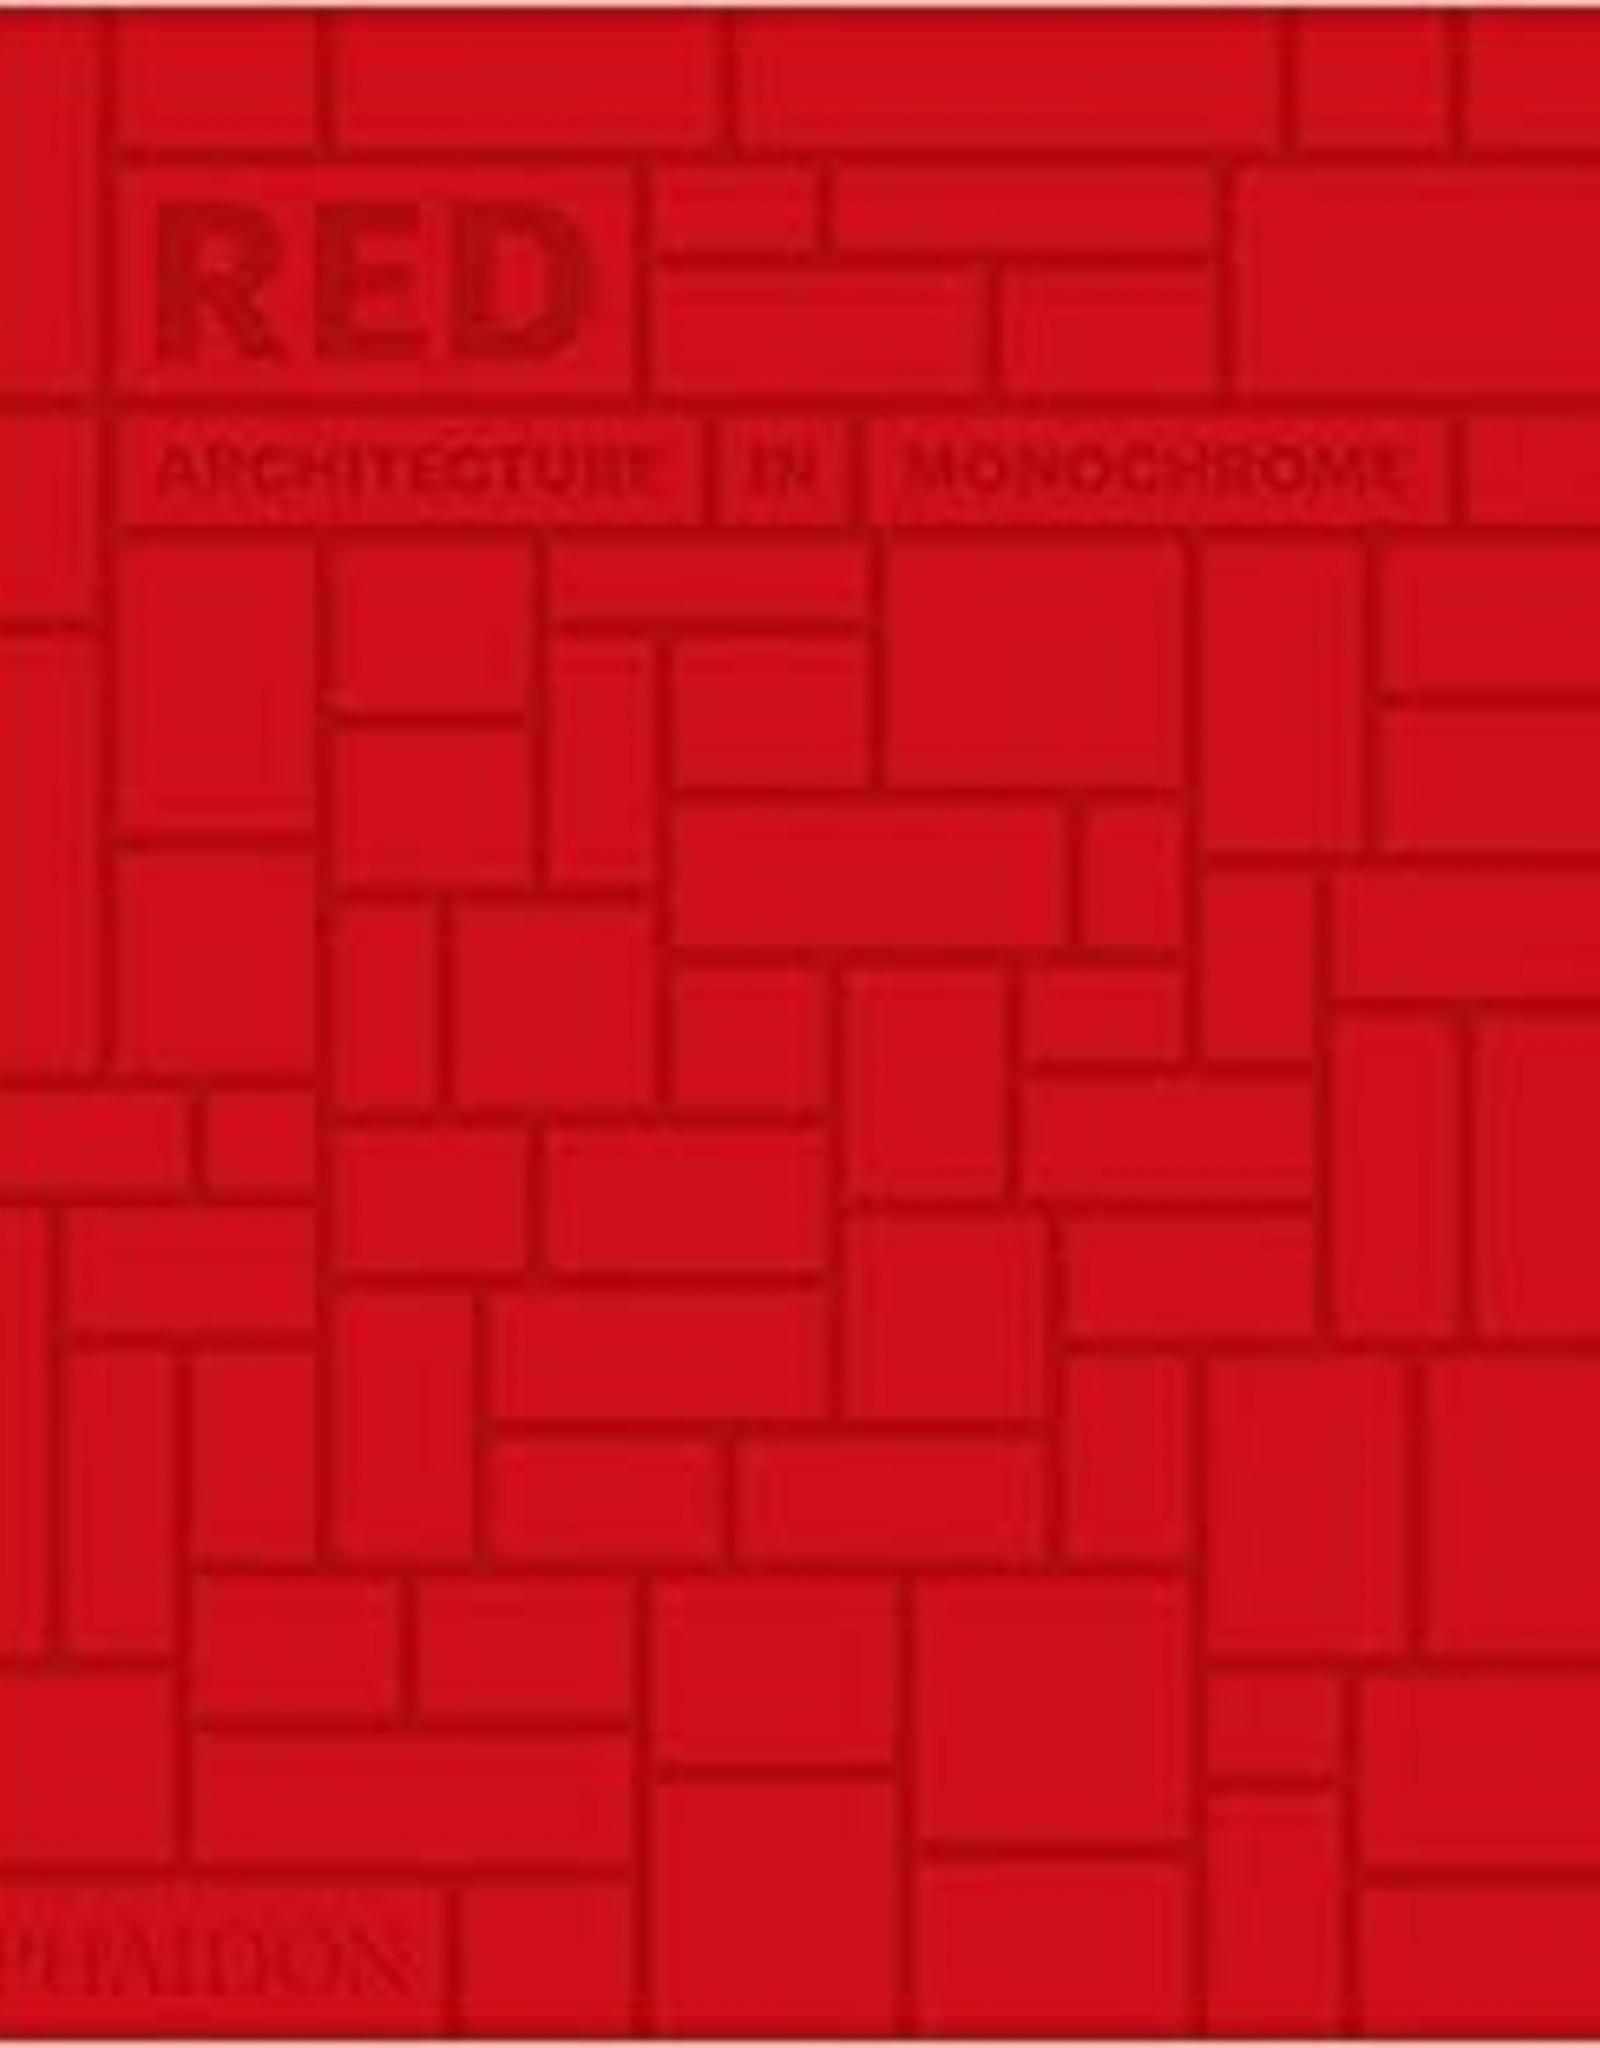 Daniel Richards Red - Architecture in Monochrome